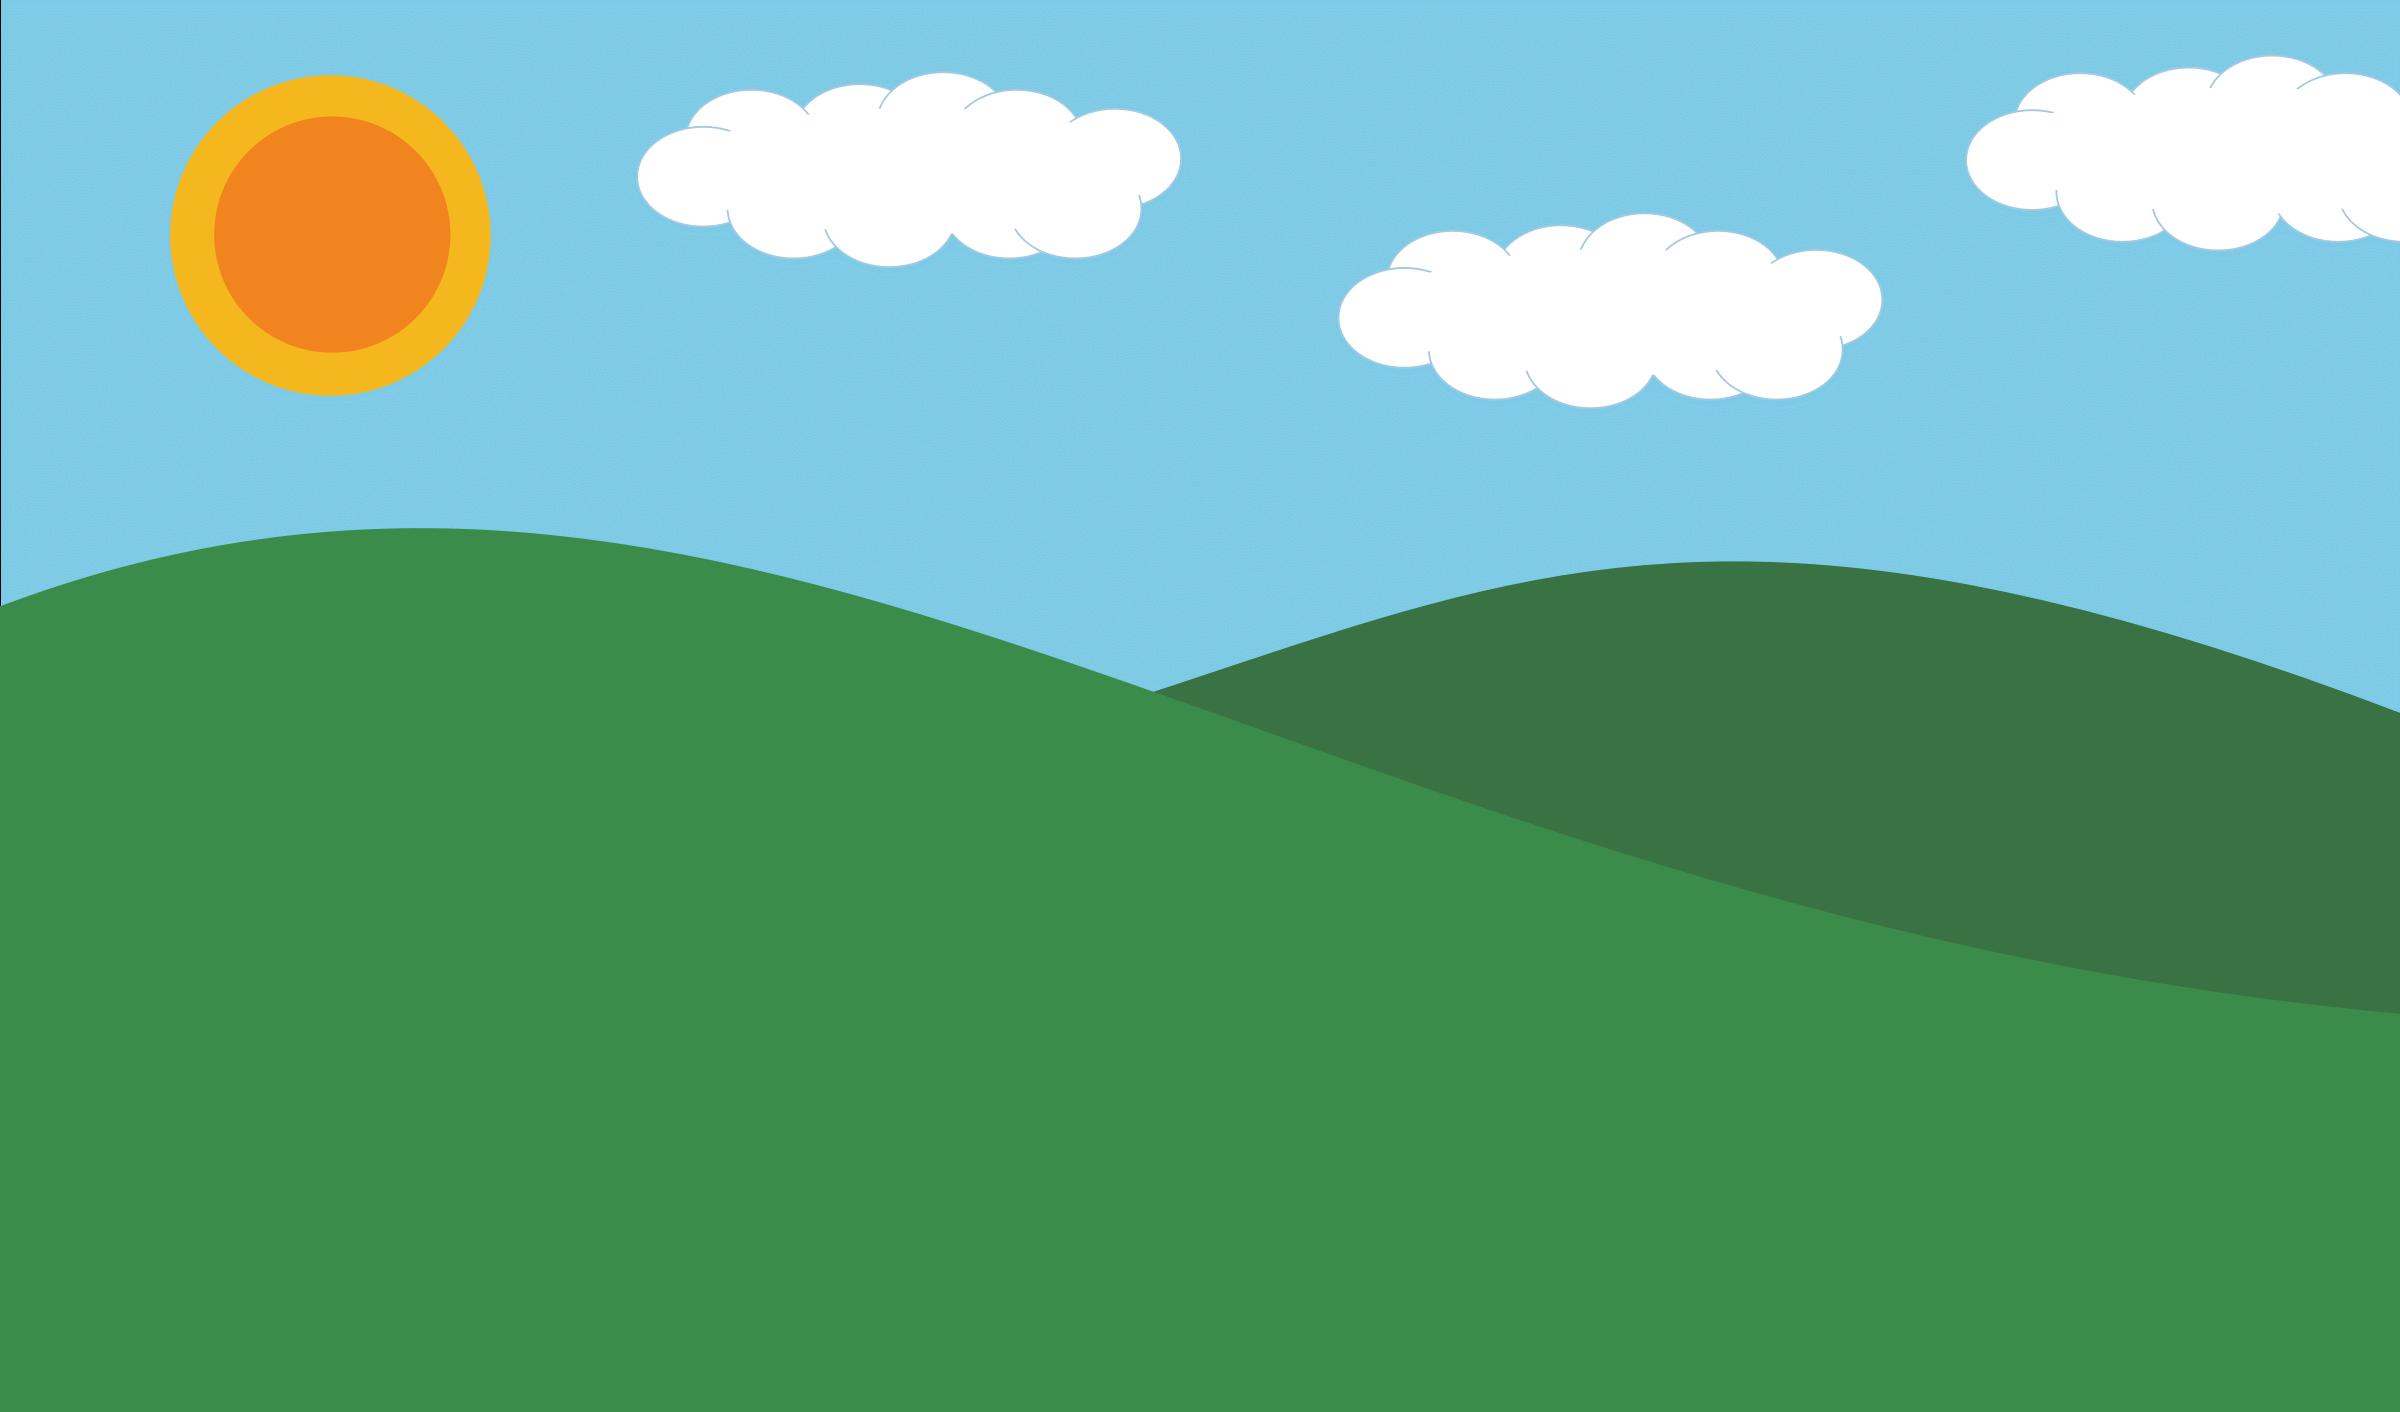 Cartoon Hills Cliparts.